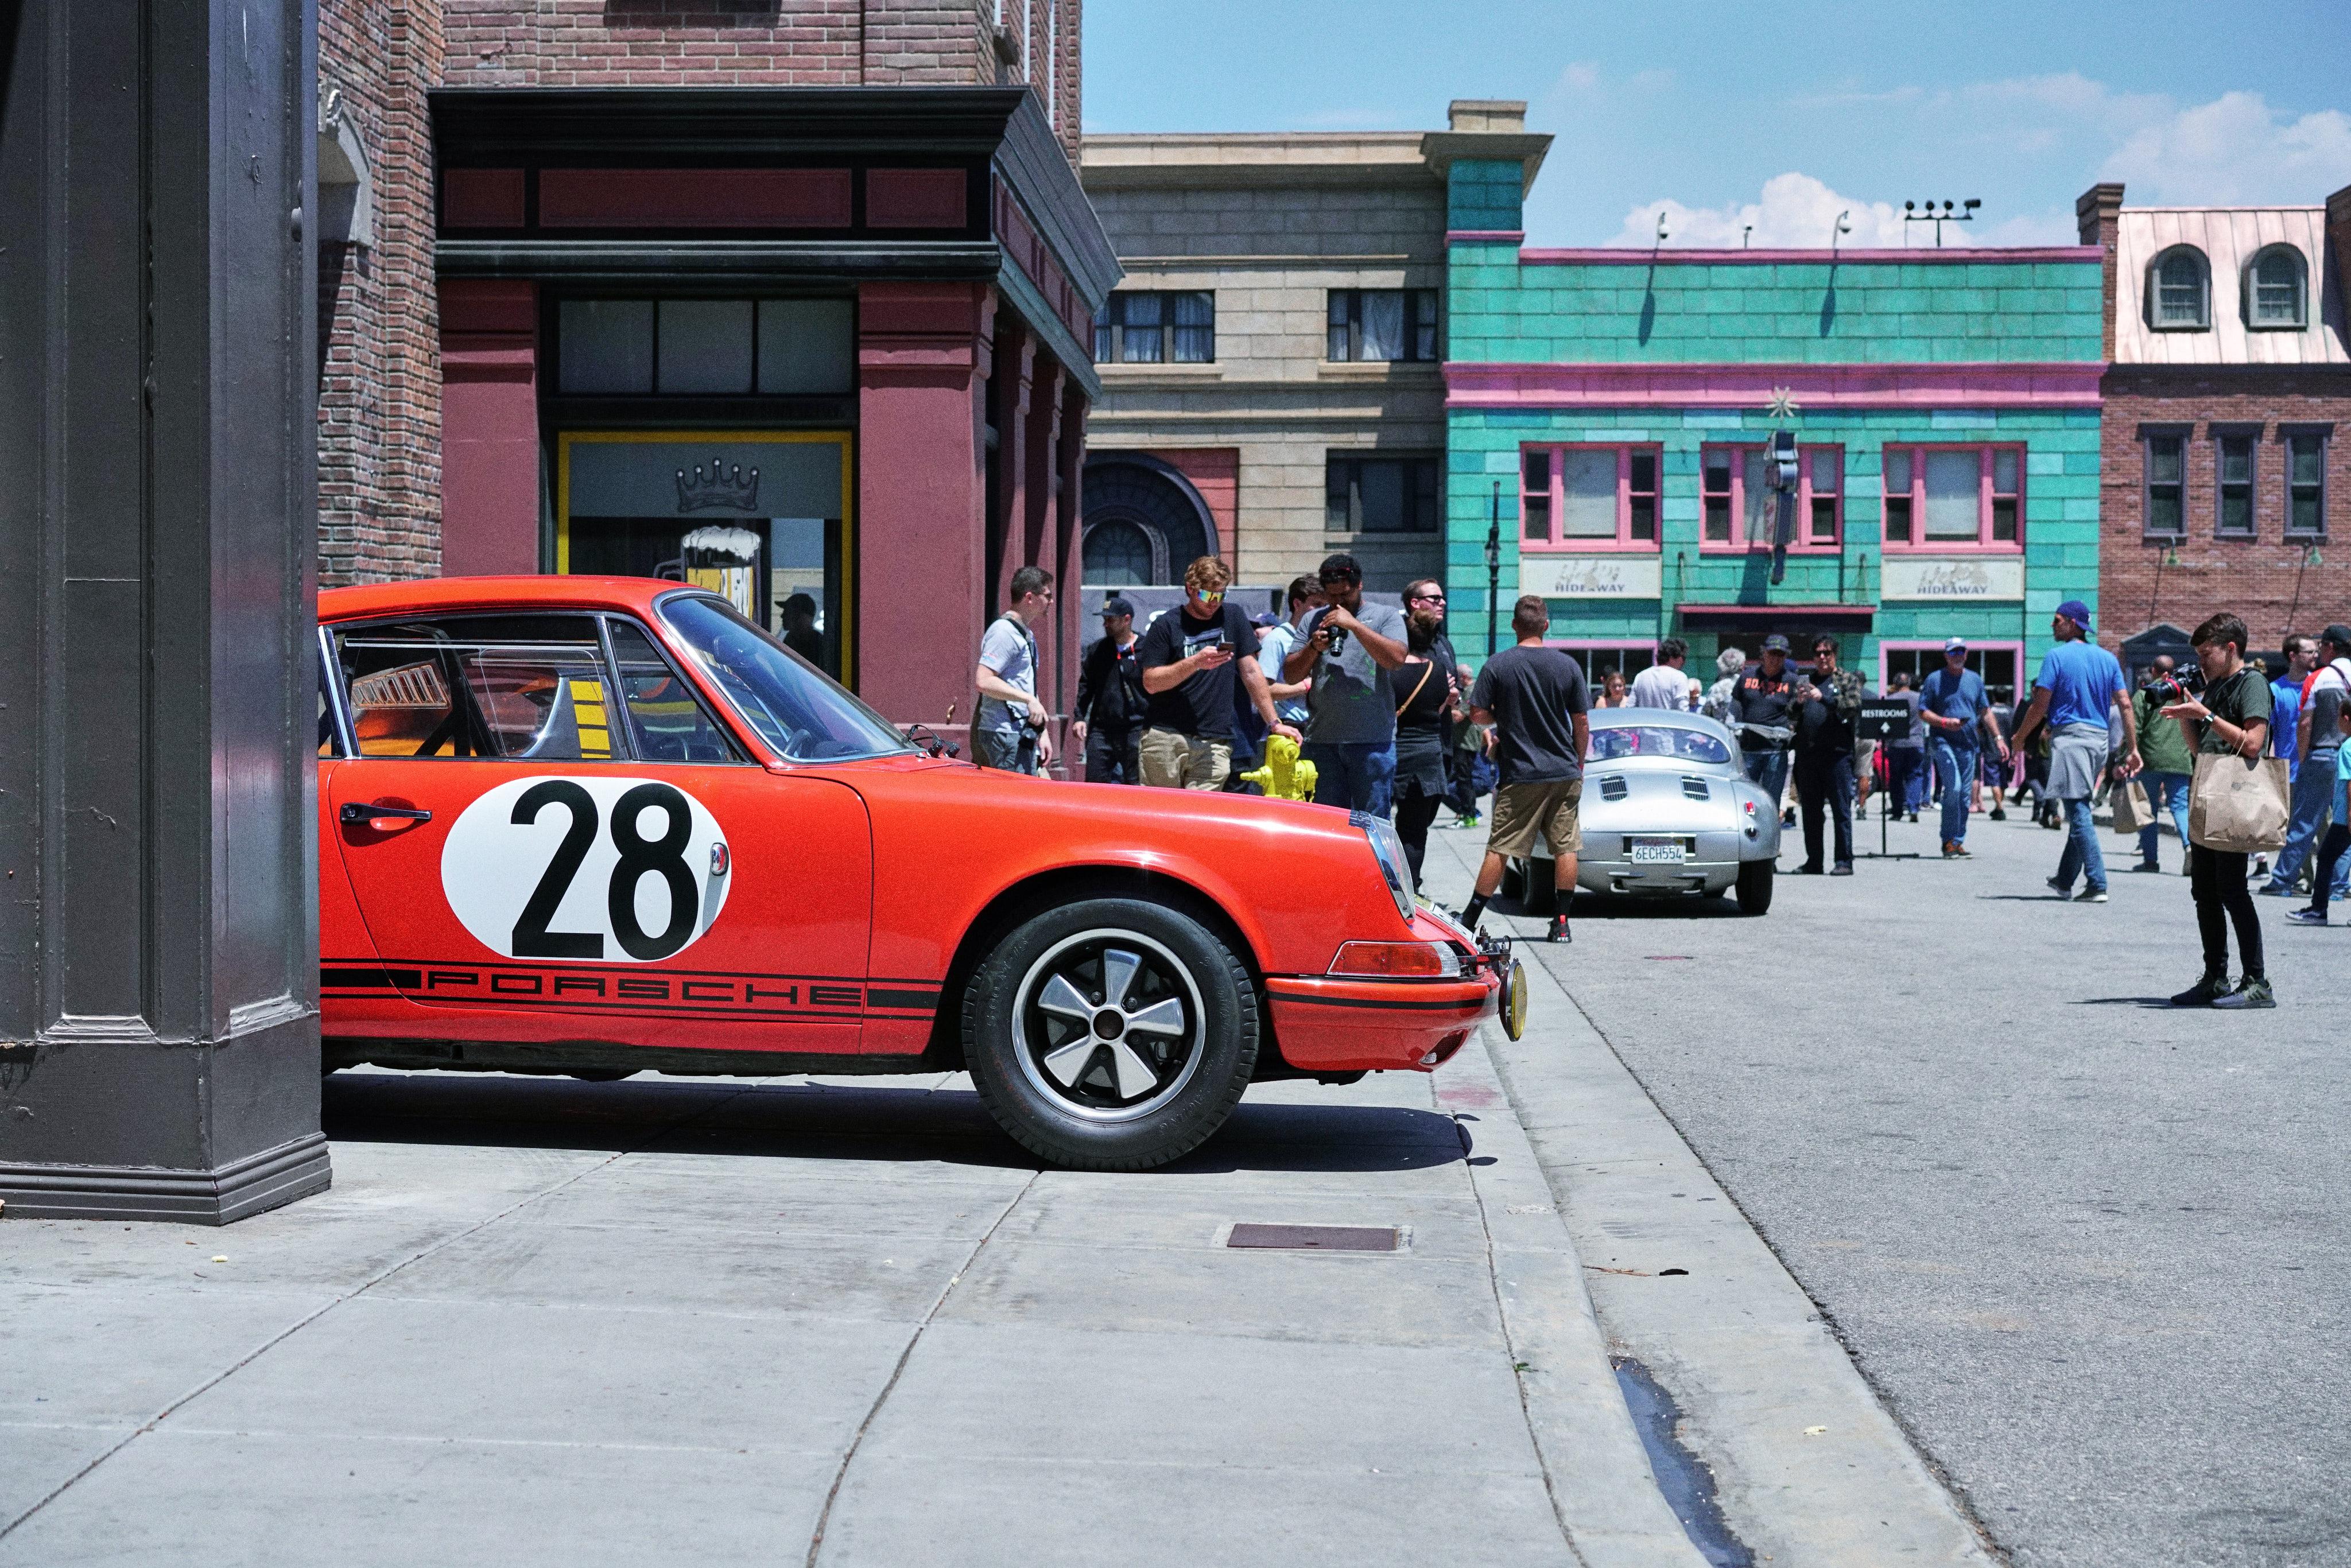 Luftgekühlt-6-Rennen-21-Porsche-911-28-Tangerine-Profile